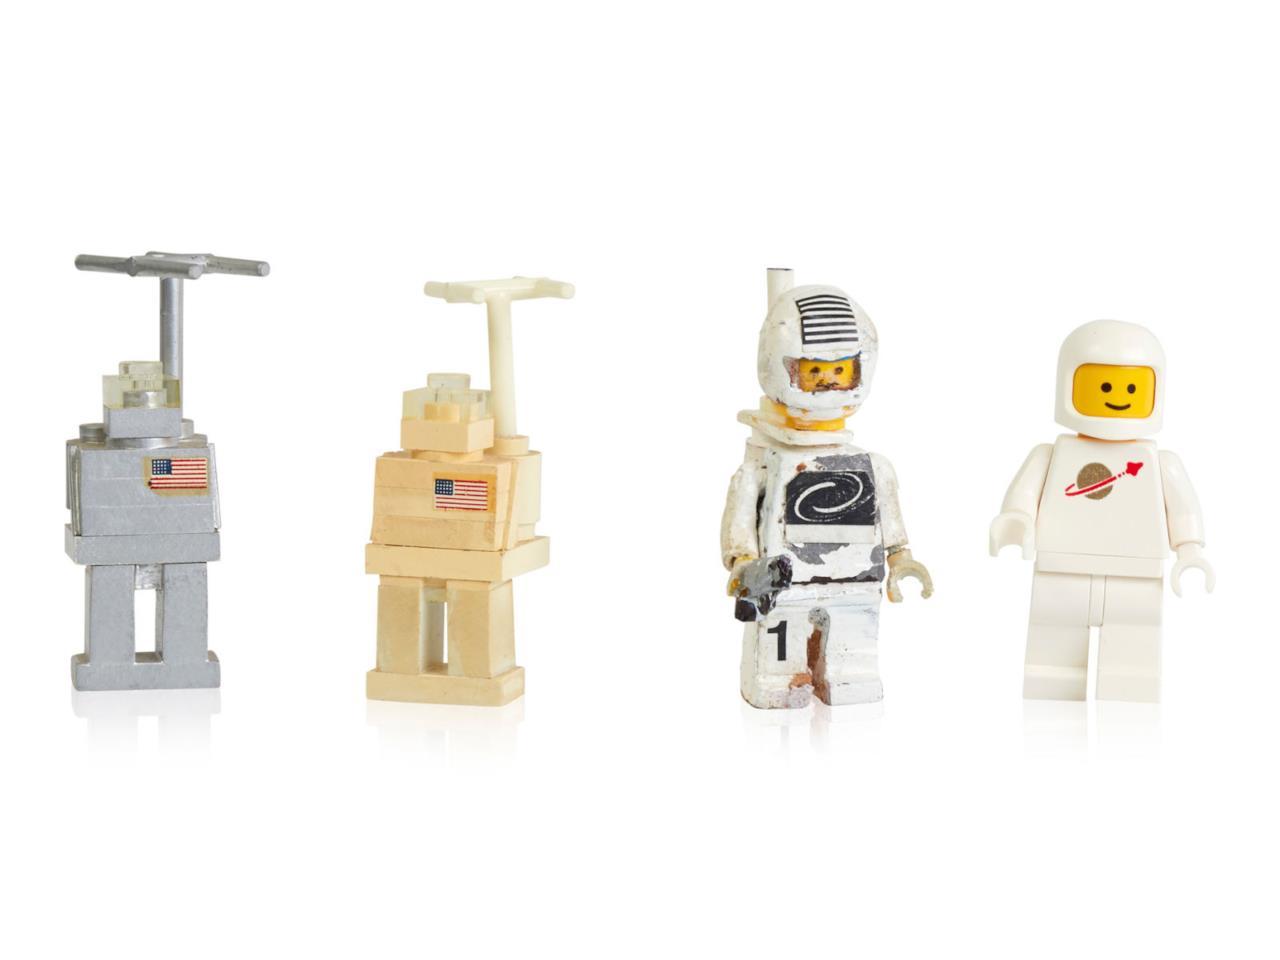 Le Minifigure Lego Compiono 40 Anni Ecco Comerano Allinizio